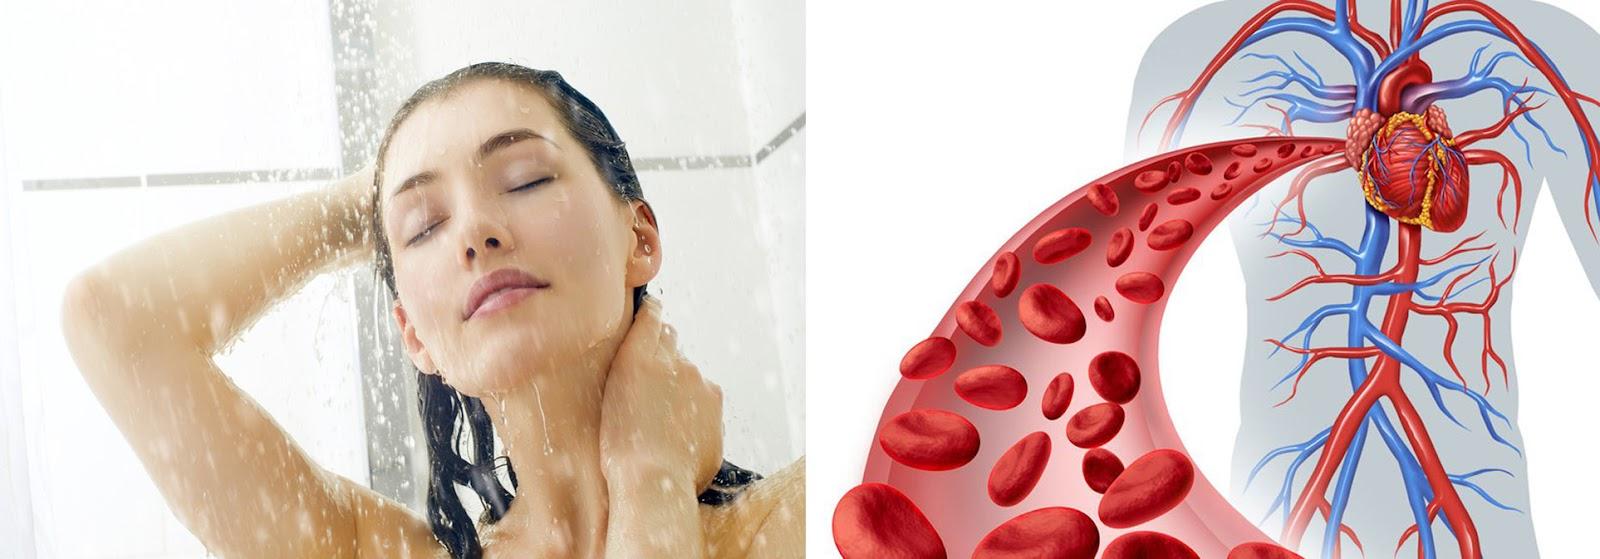 Tăng tuần hoàn máu là lợi ích tuyệt vời mà tắm nước nóng đem lại